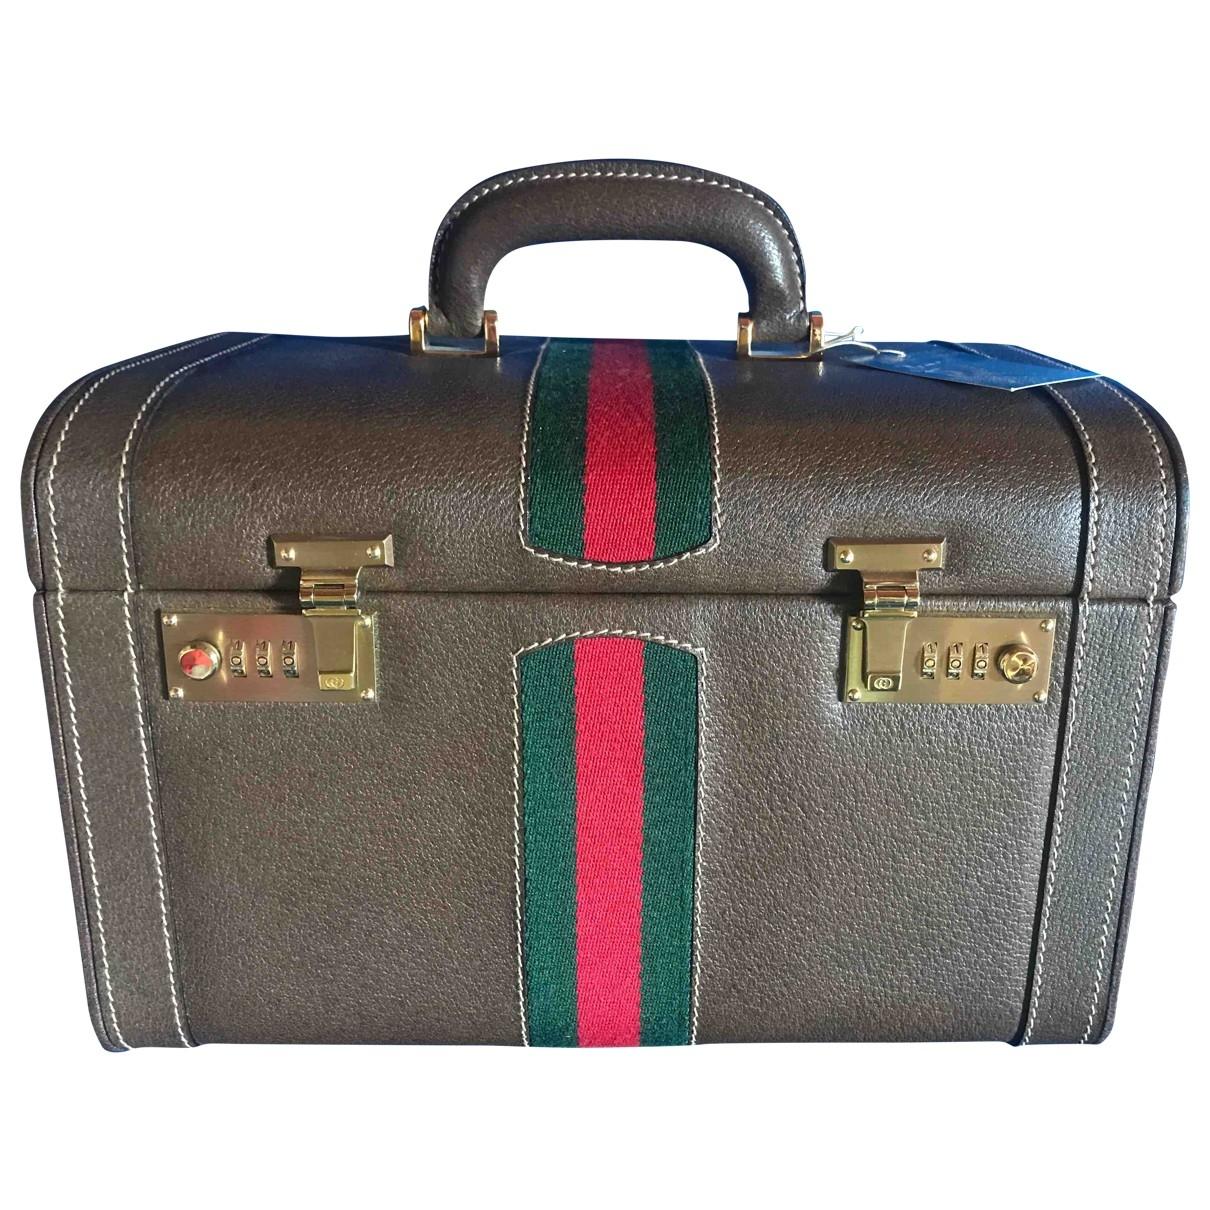 Gucci - Sac de voyage   pour femme en toile - multicolore